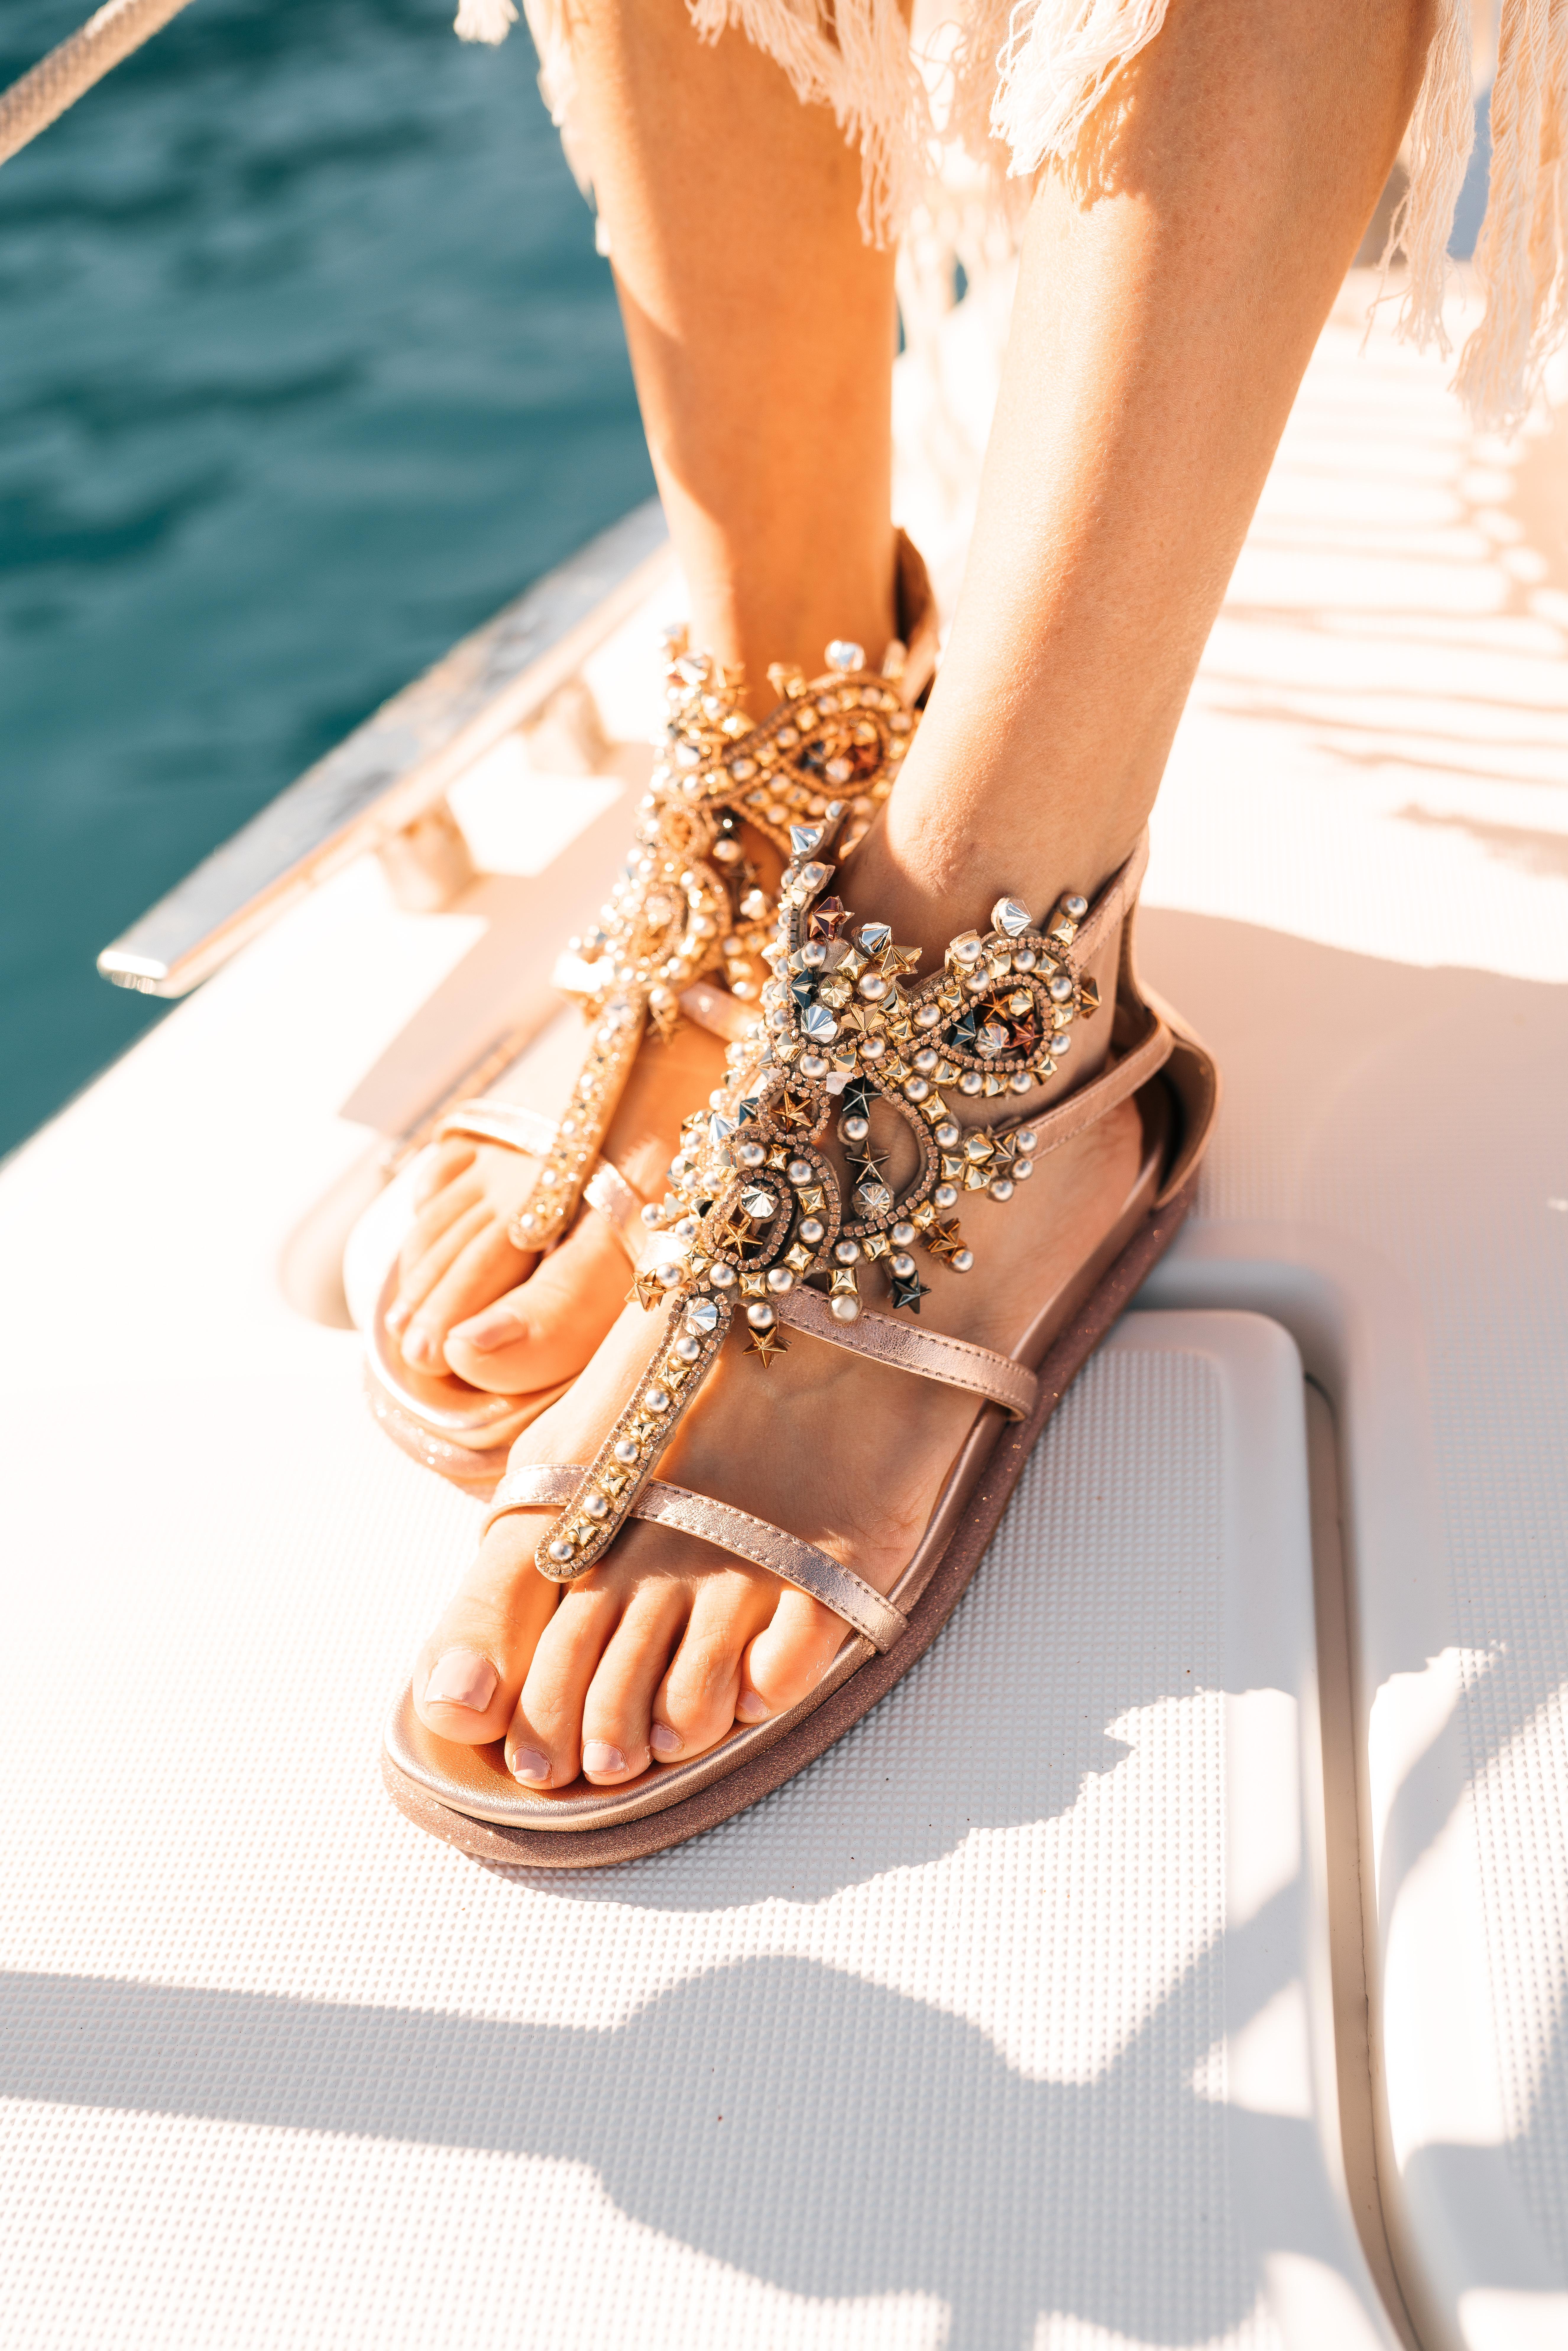 alma en pena verano sandalias